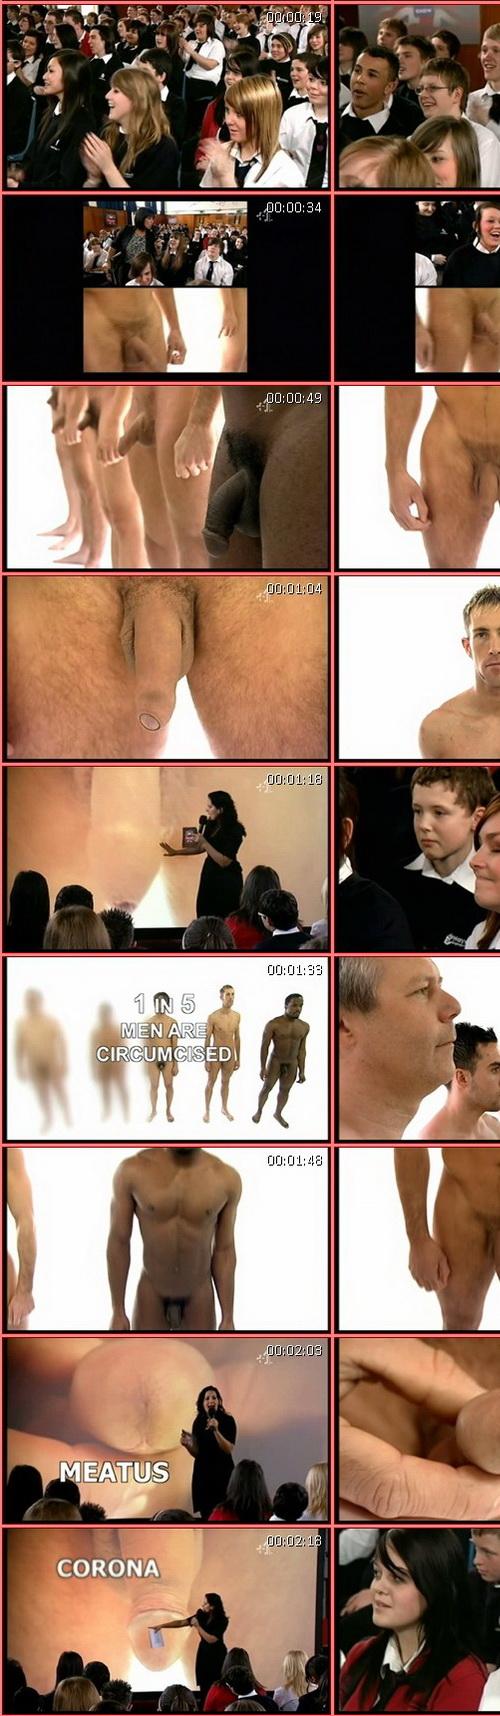 Show tv education sex